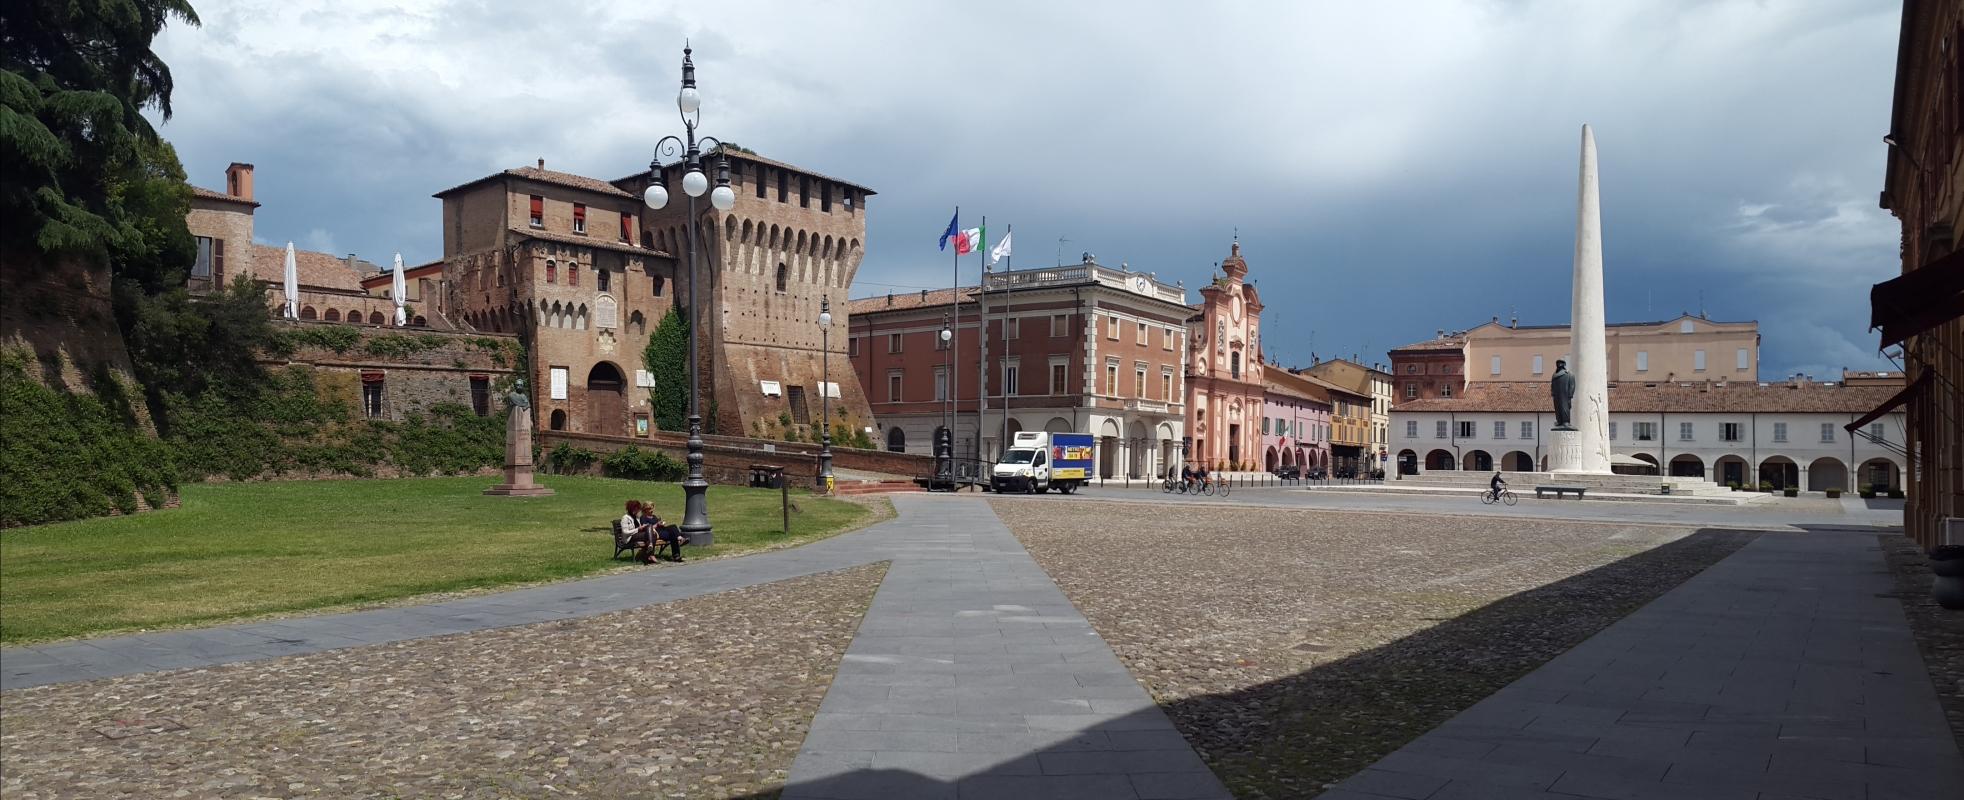 Rocca Estense di Lugo - 2 giugno - maria bernadette melis - Lugo (RA)